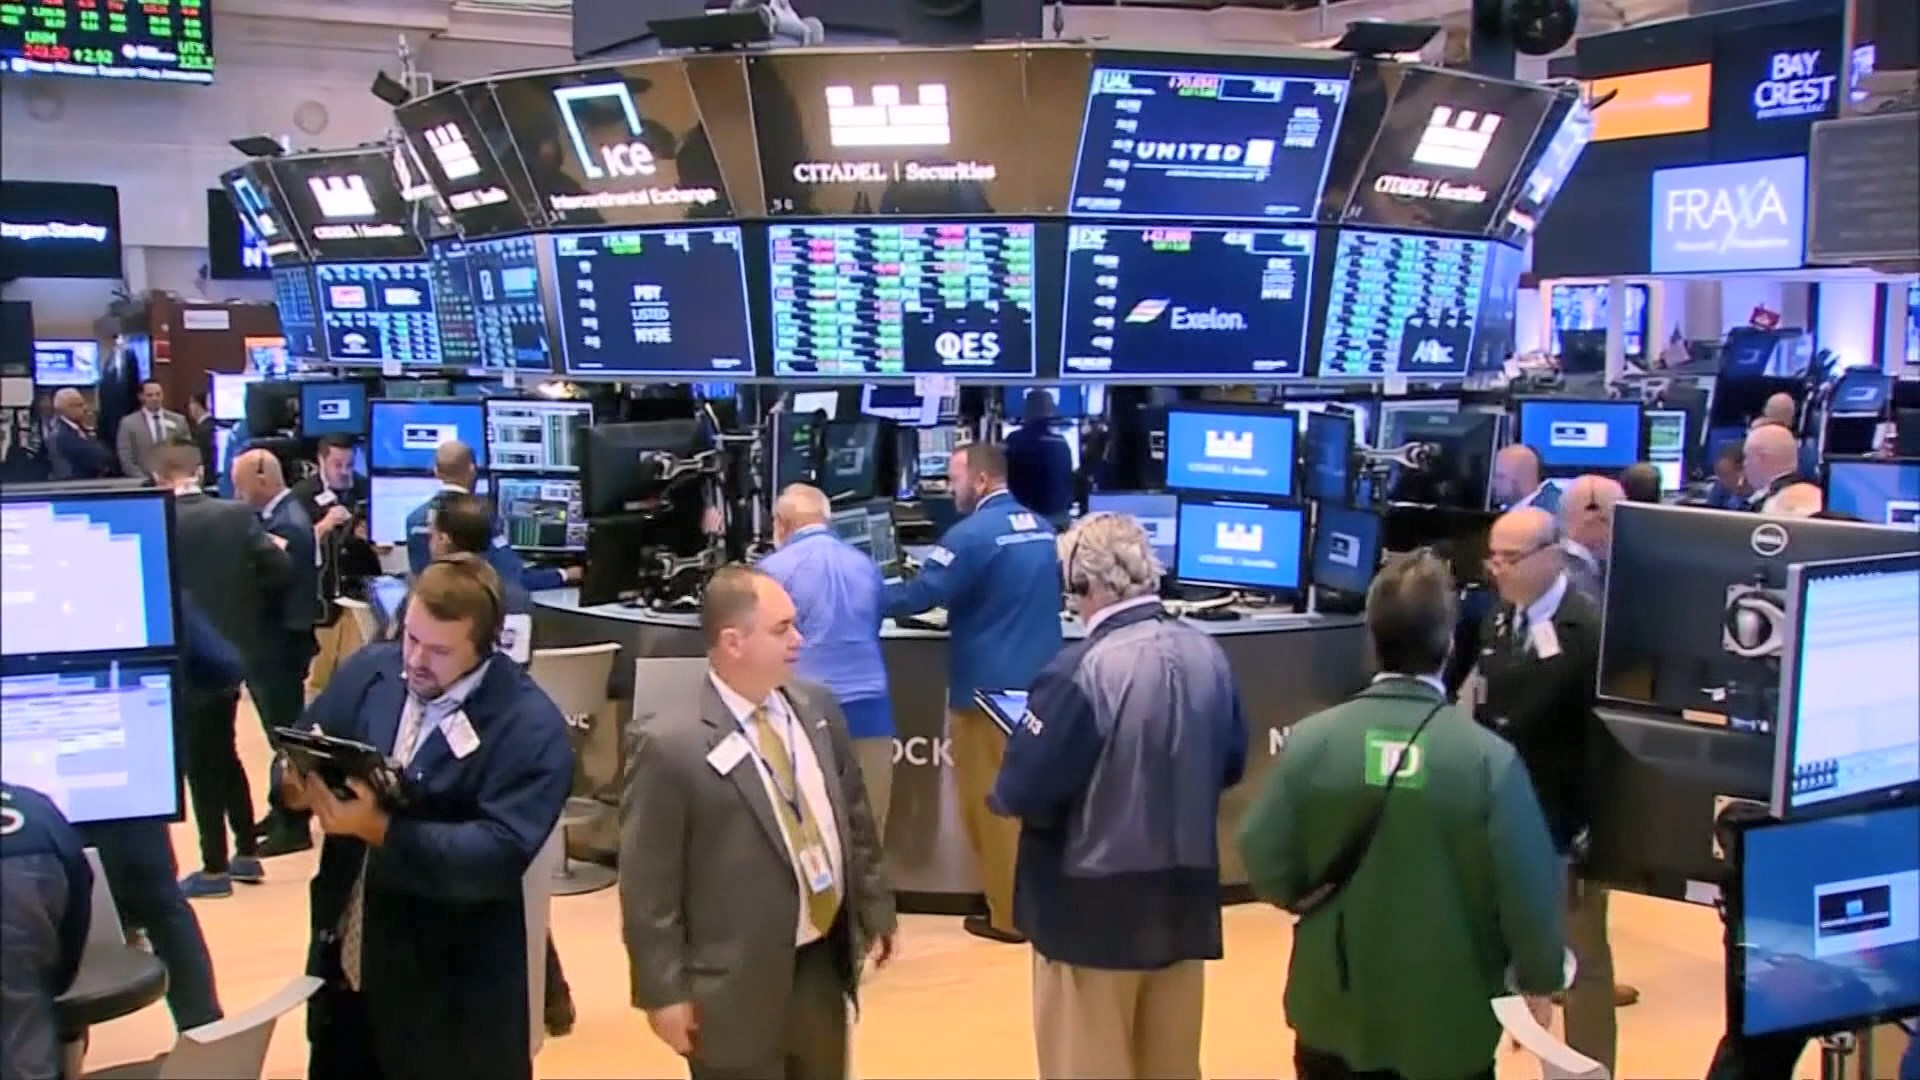 美股跌 因憂貿易戰惡化及美製造業數據弱